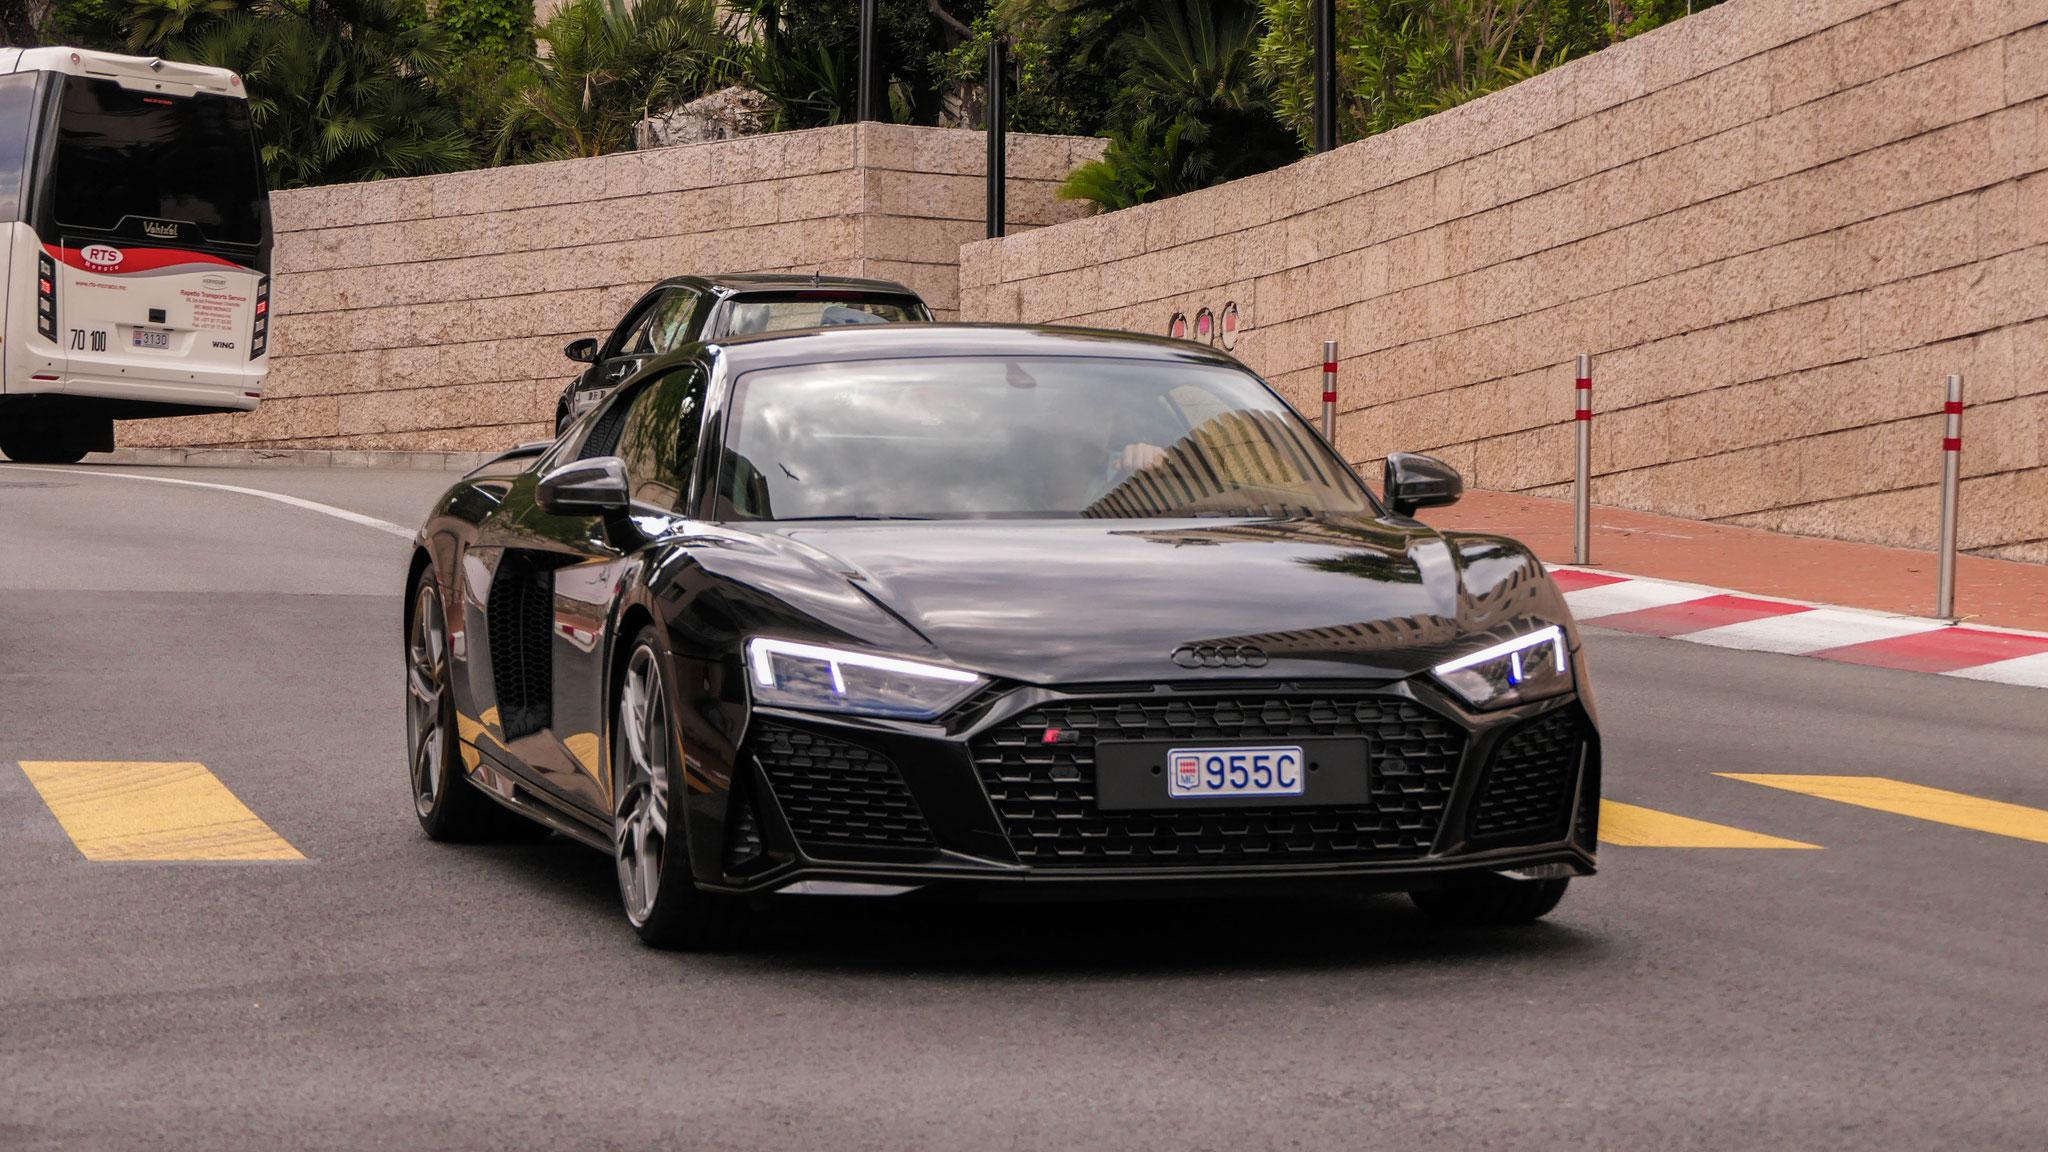 Audi R8 V10 - 955C (MC)